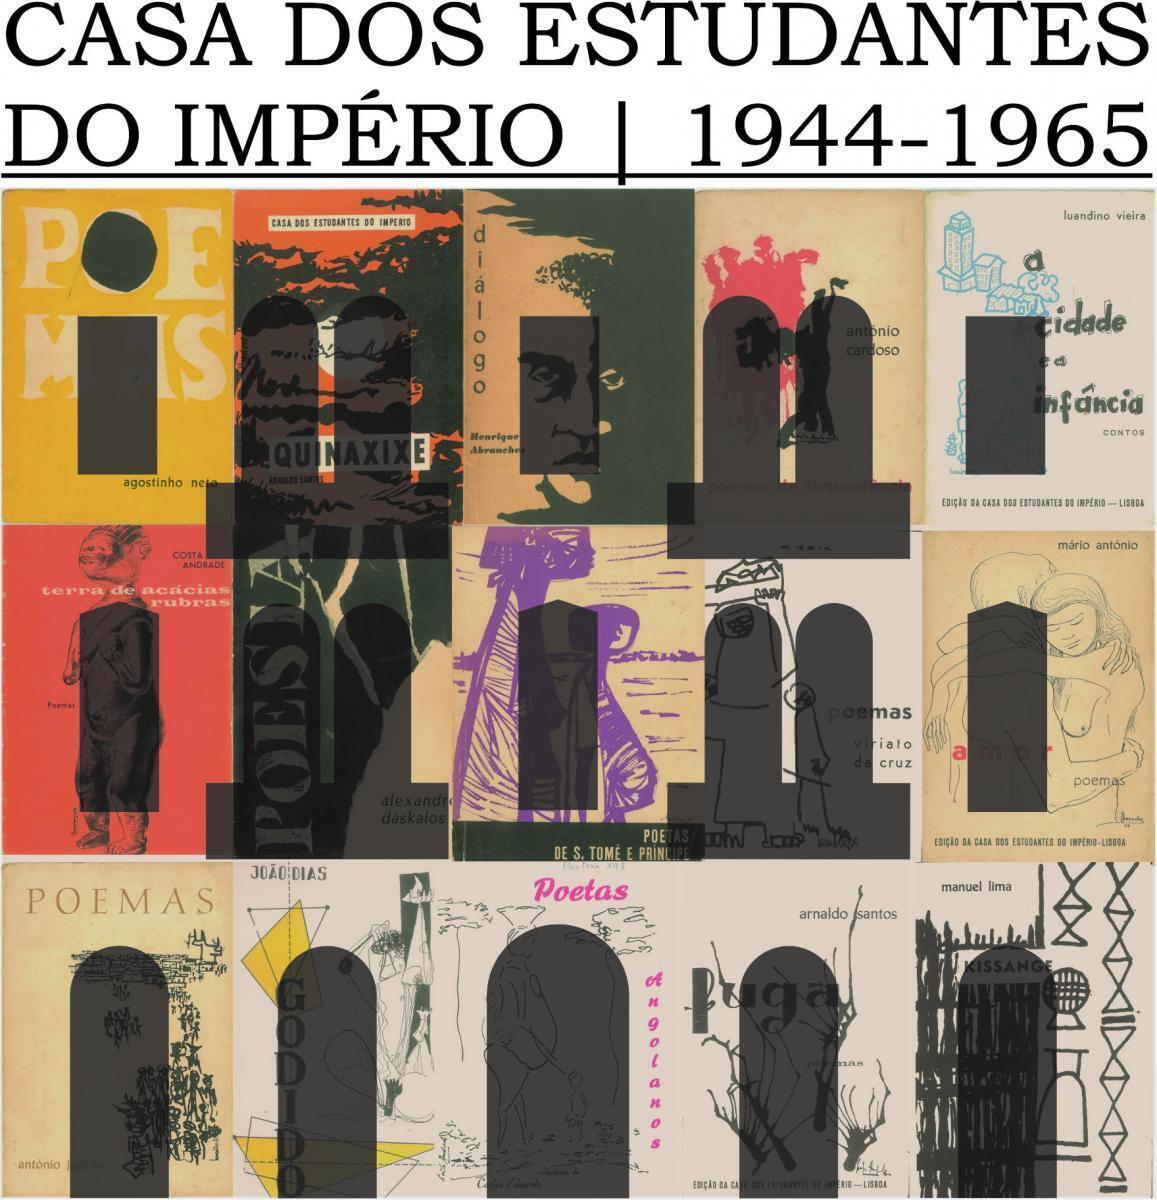 Homenagem em Coimbra á Casa dos Estudantes do Império criada há 70 anos